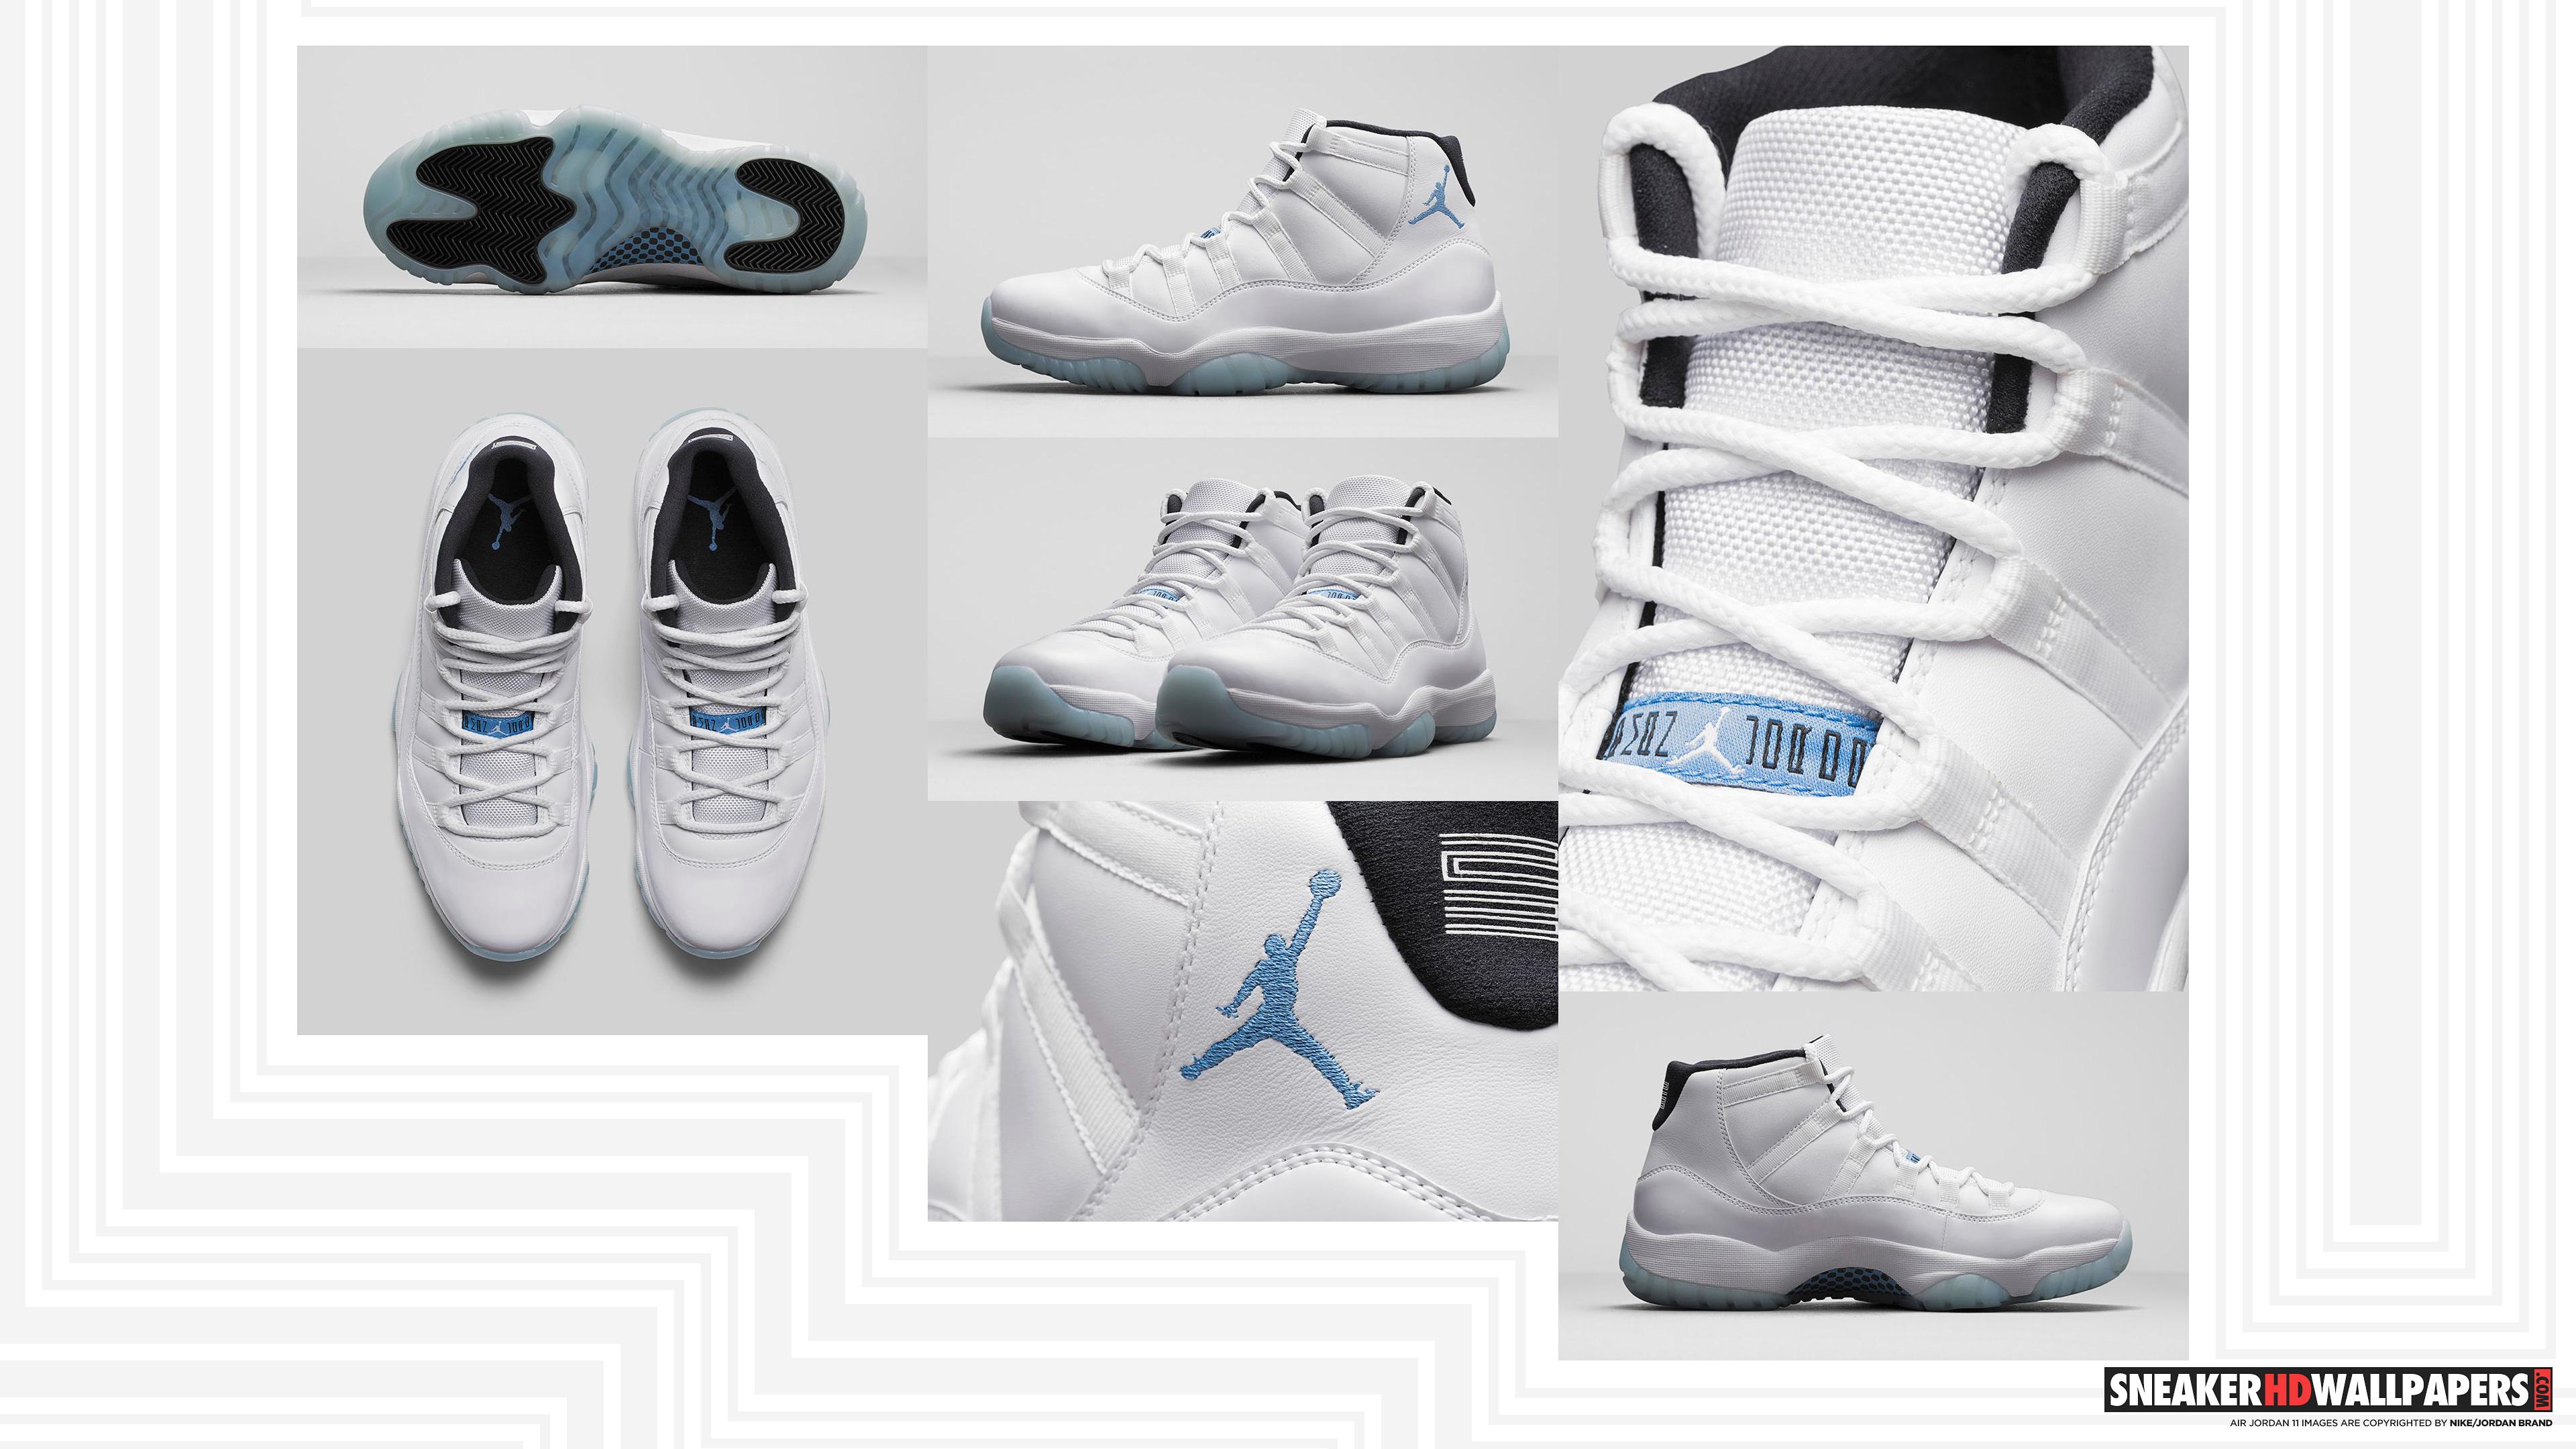 Adidas Originals Wallpaper Hd Sneakerhdwallpapers Com Your Favorite Sneakers In Hd And